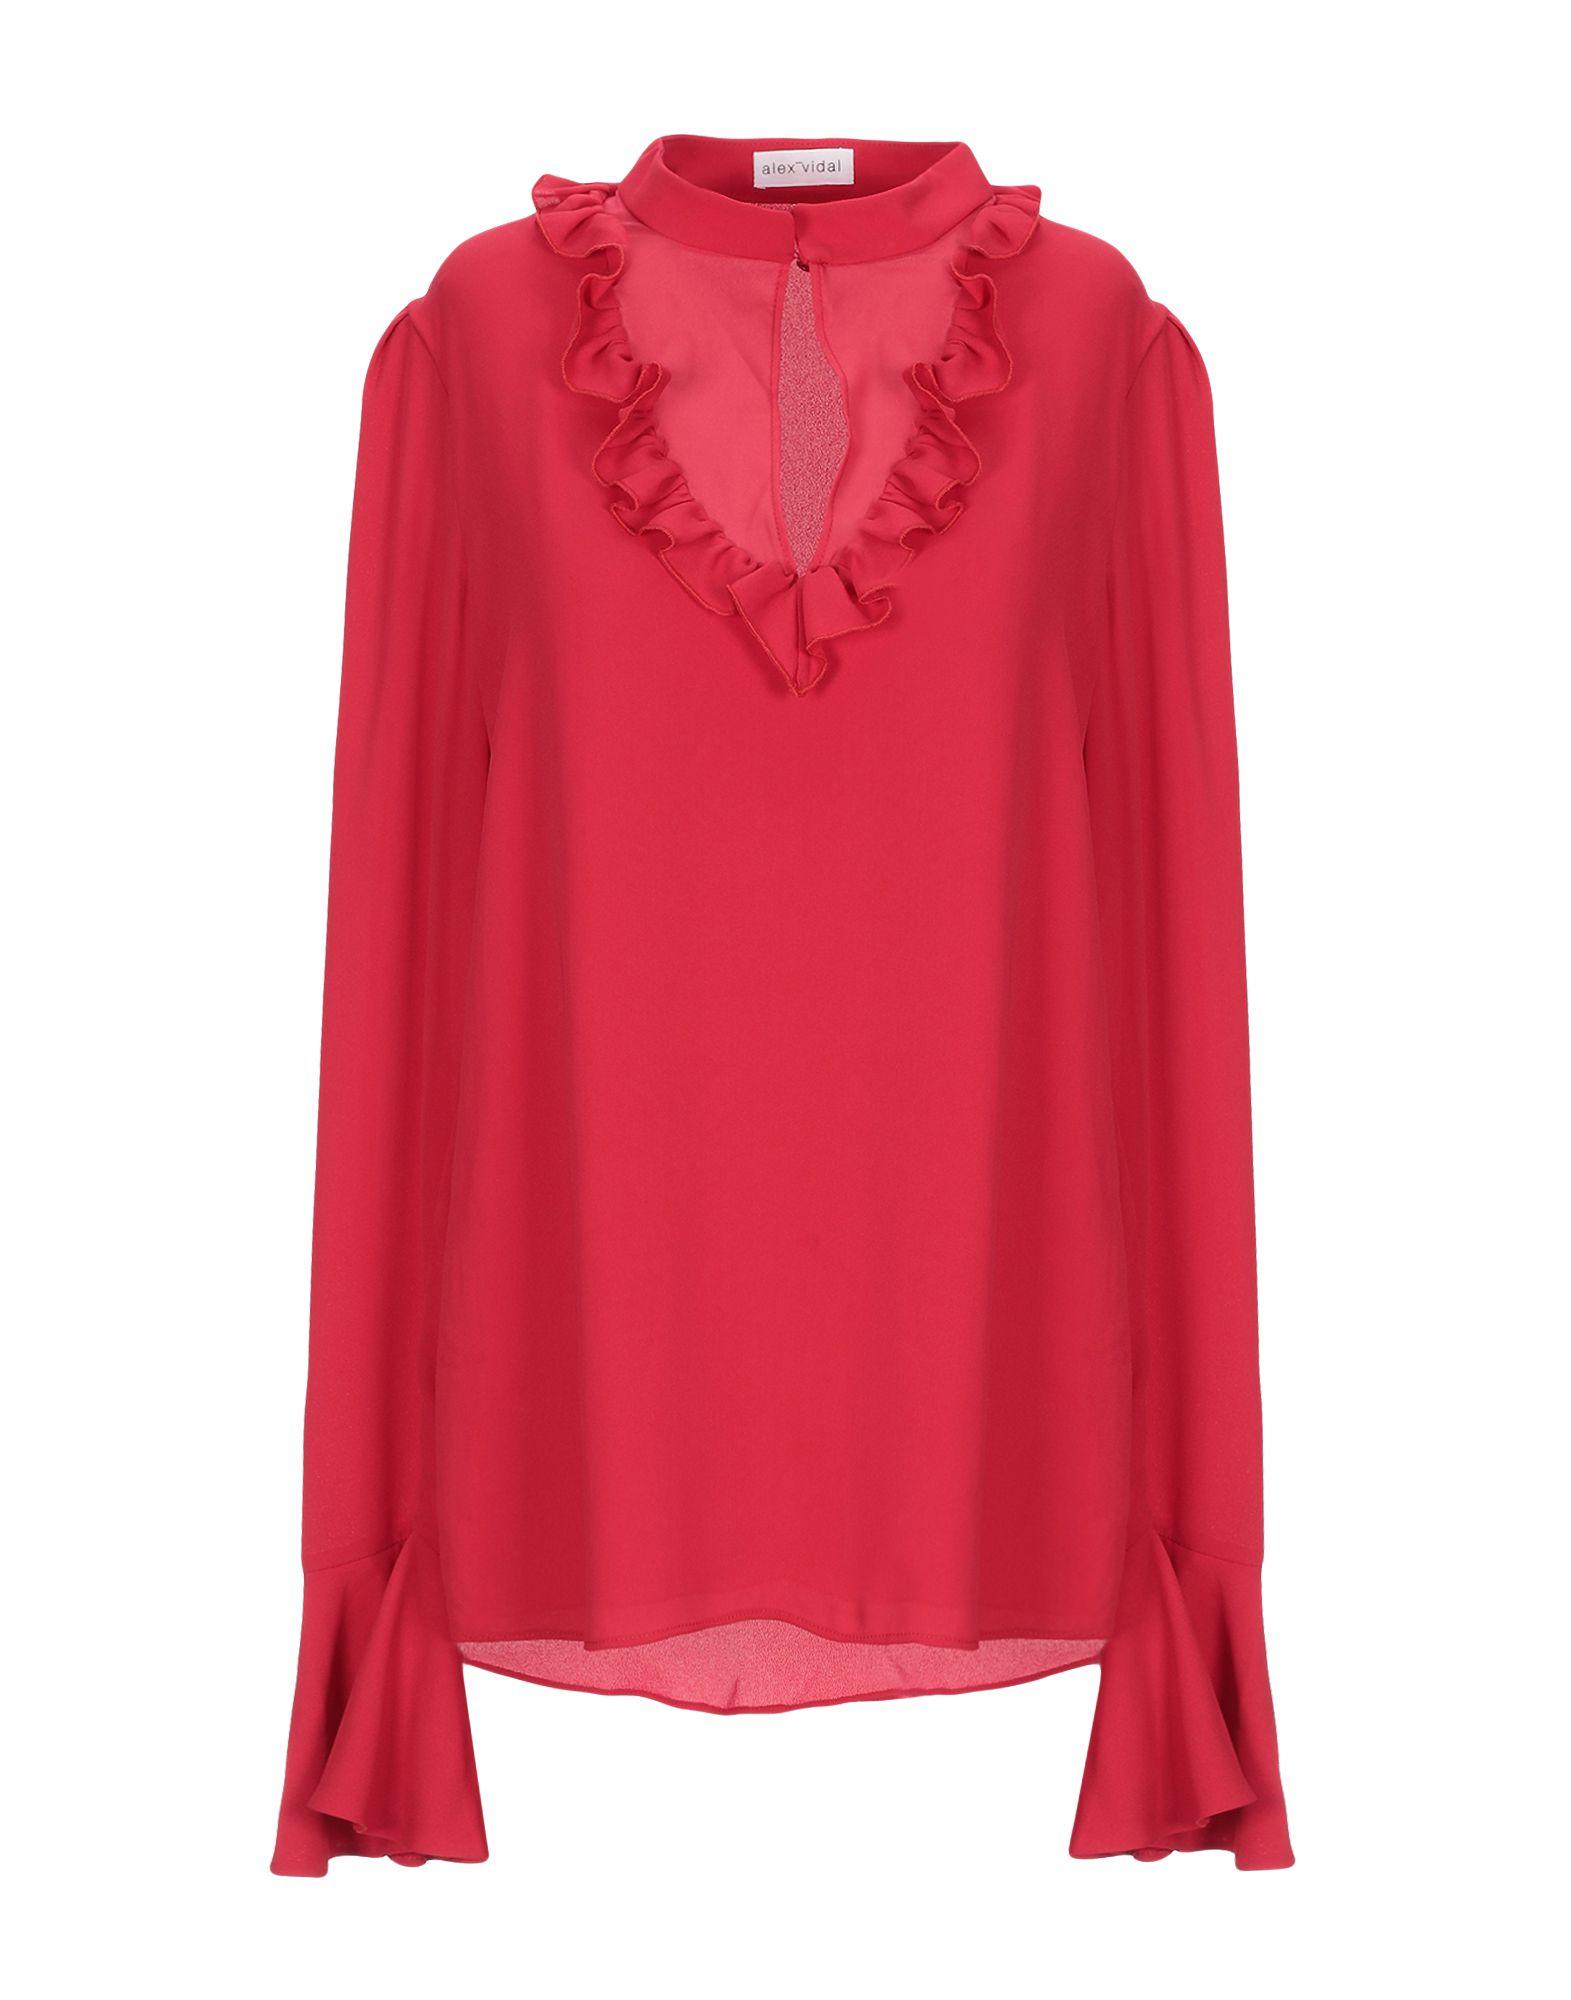 ALEX VIDAL Блузка цена